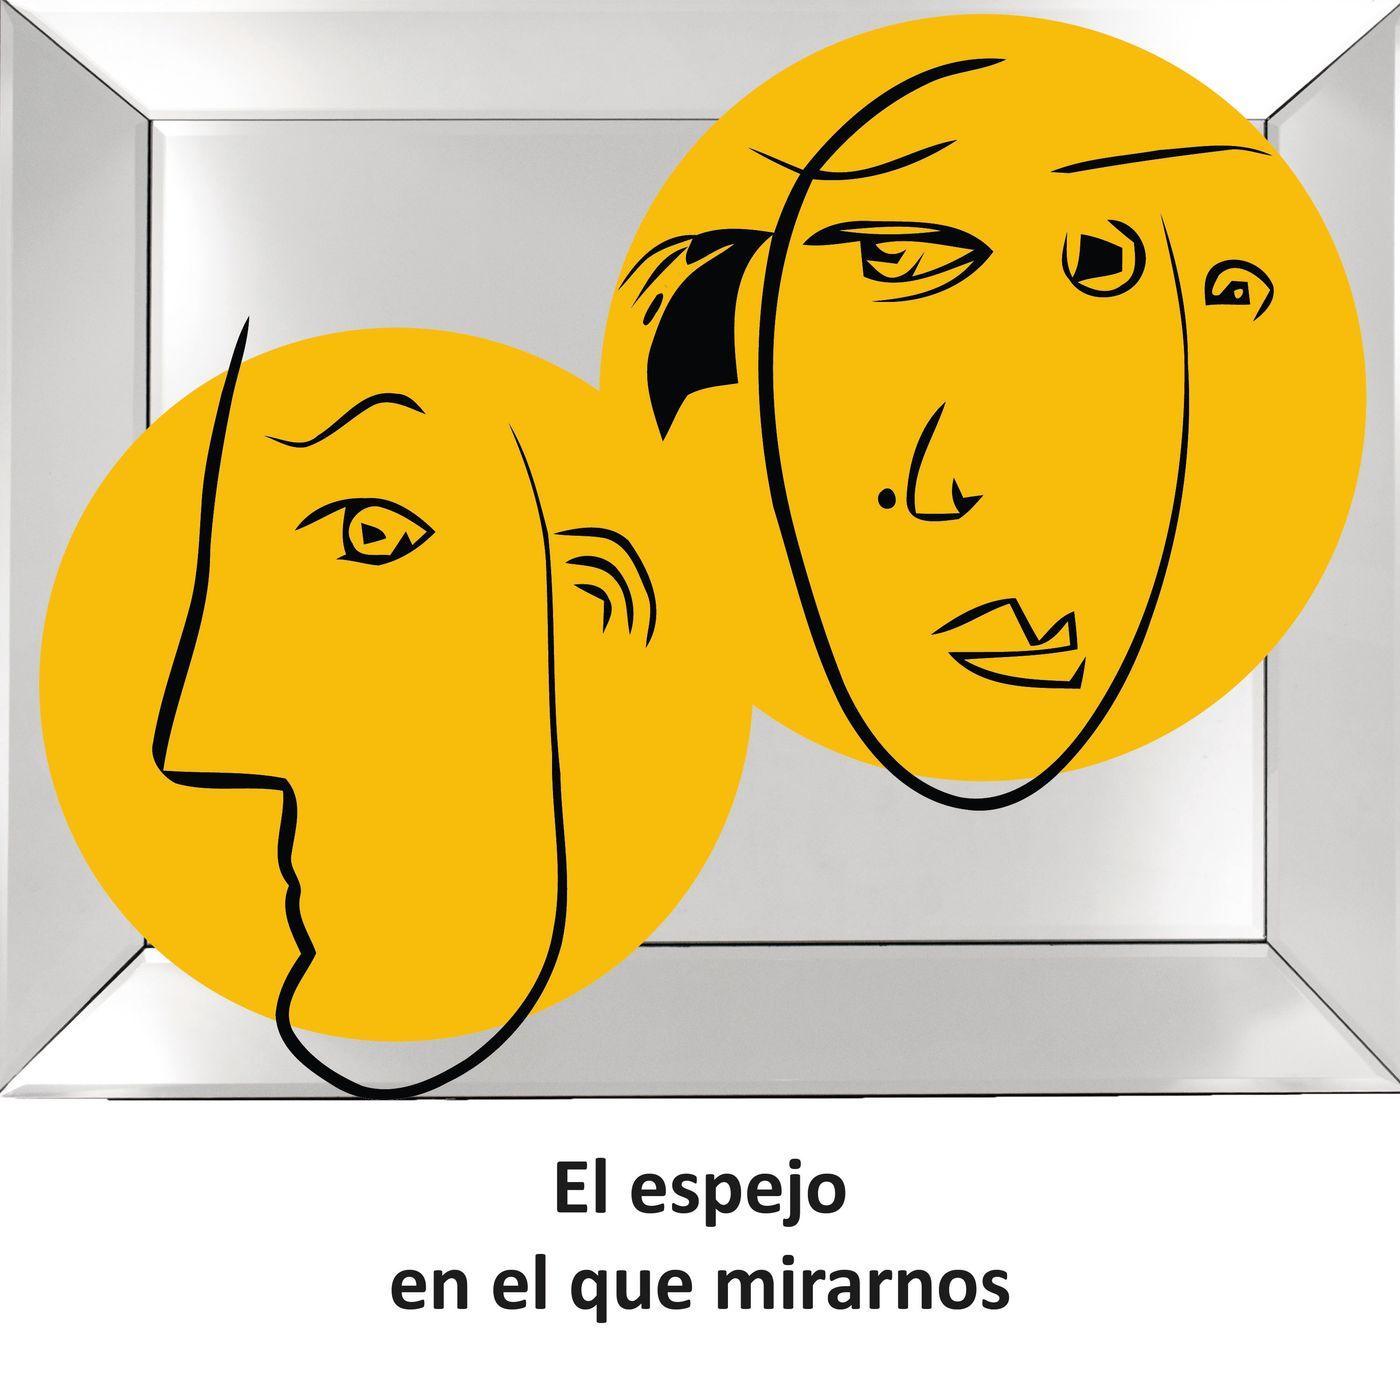 El espejo en el que mirarnos